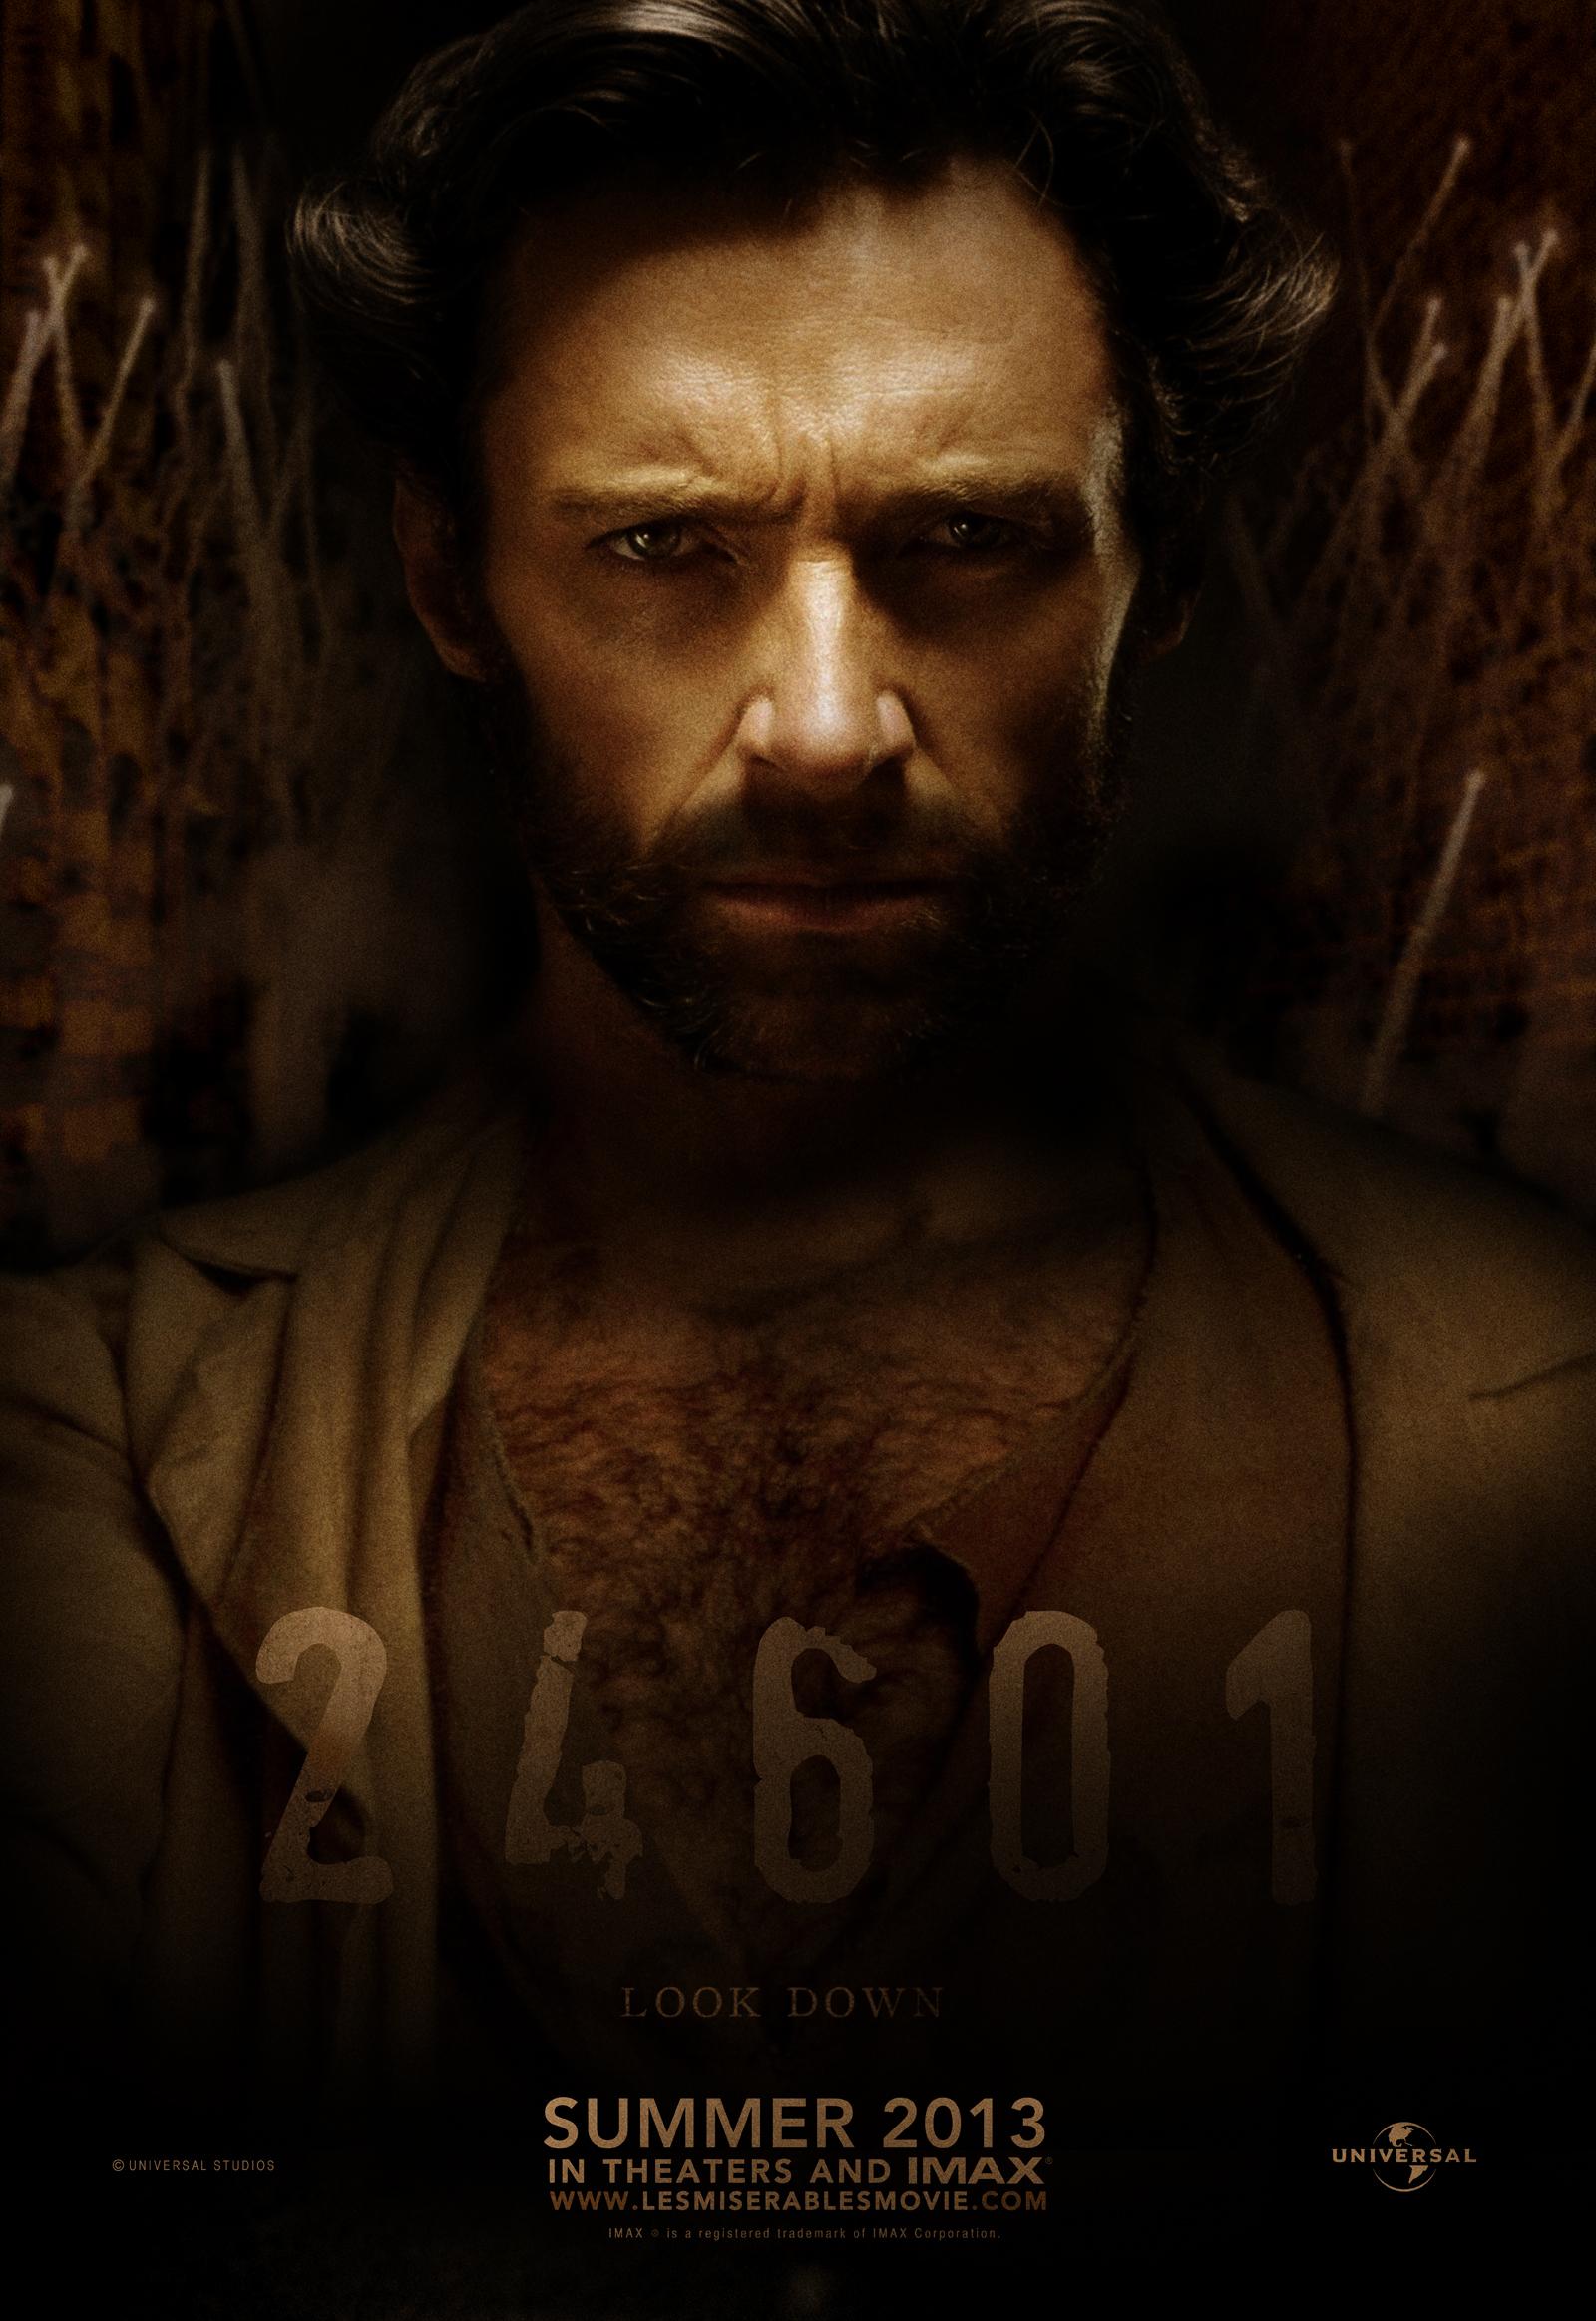 Image - Hugh-jackman-les-miserables-cast-3cced.jpg | Les Misérables Wiki | FANDOM ...  Image - Hugh-ja...